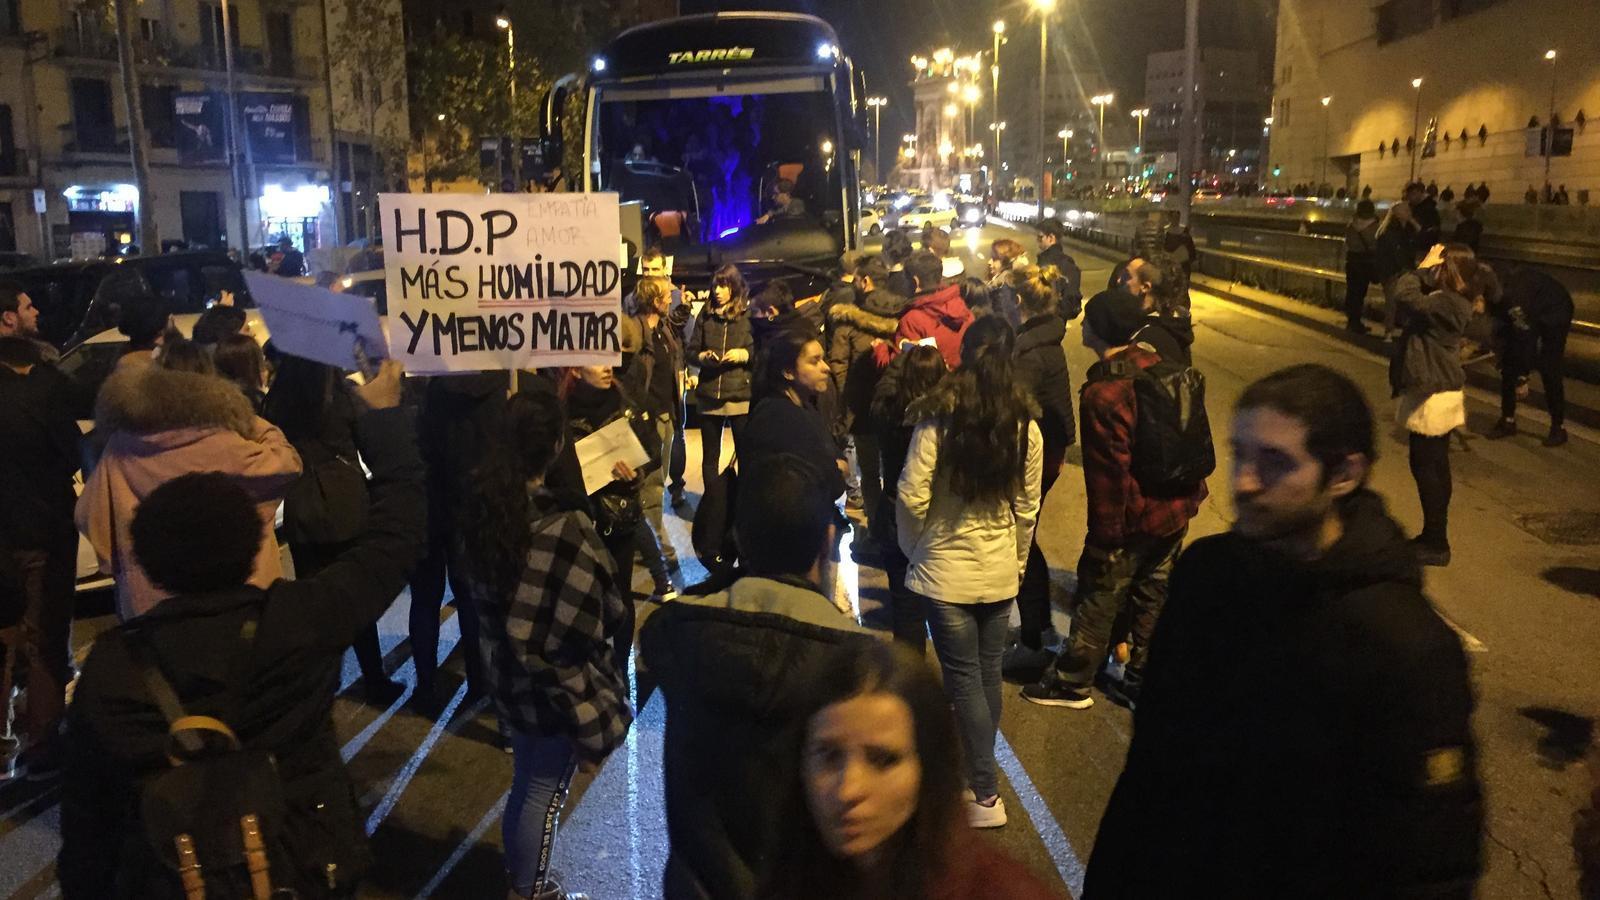 Cinc detinguts a Barcelona per llançar objectes contra els Mossos després d'una manifestació animalista